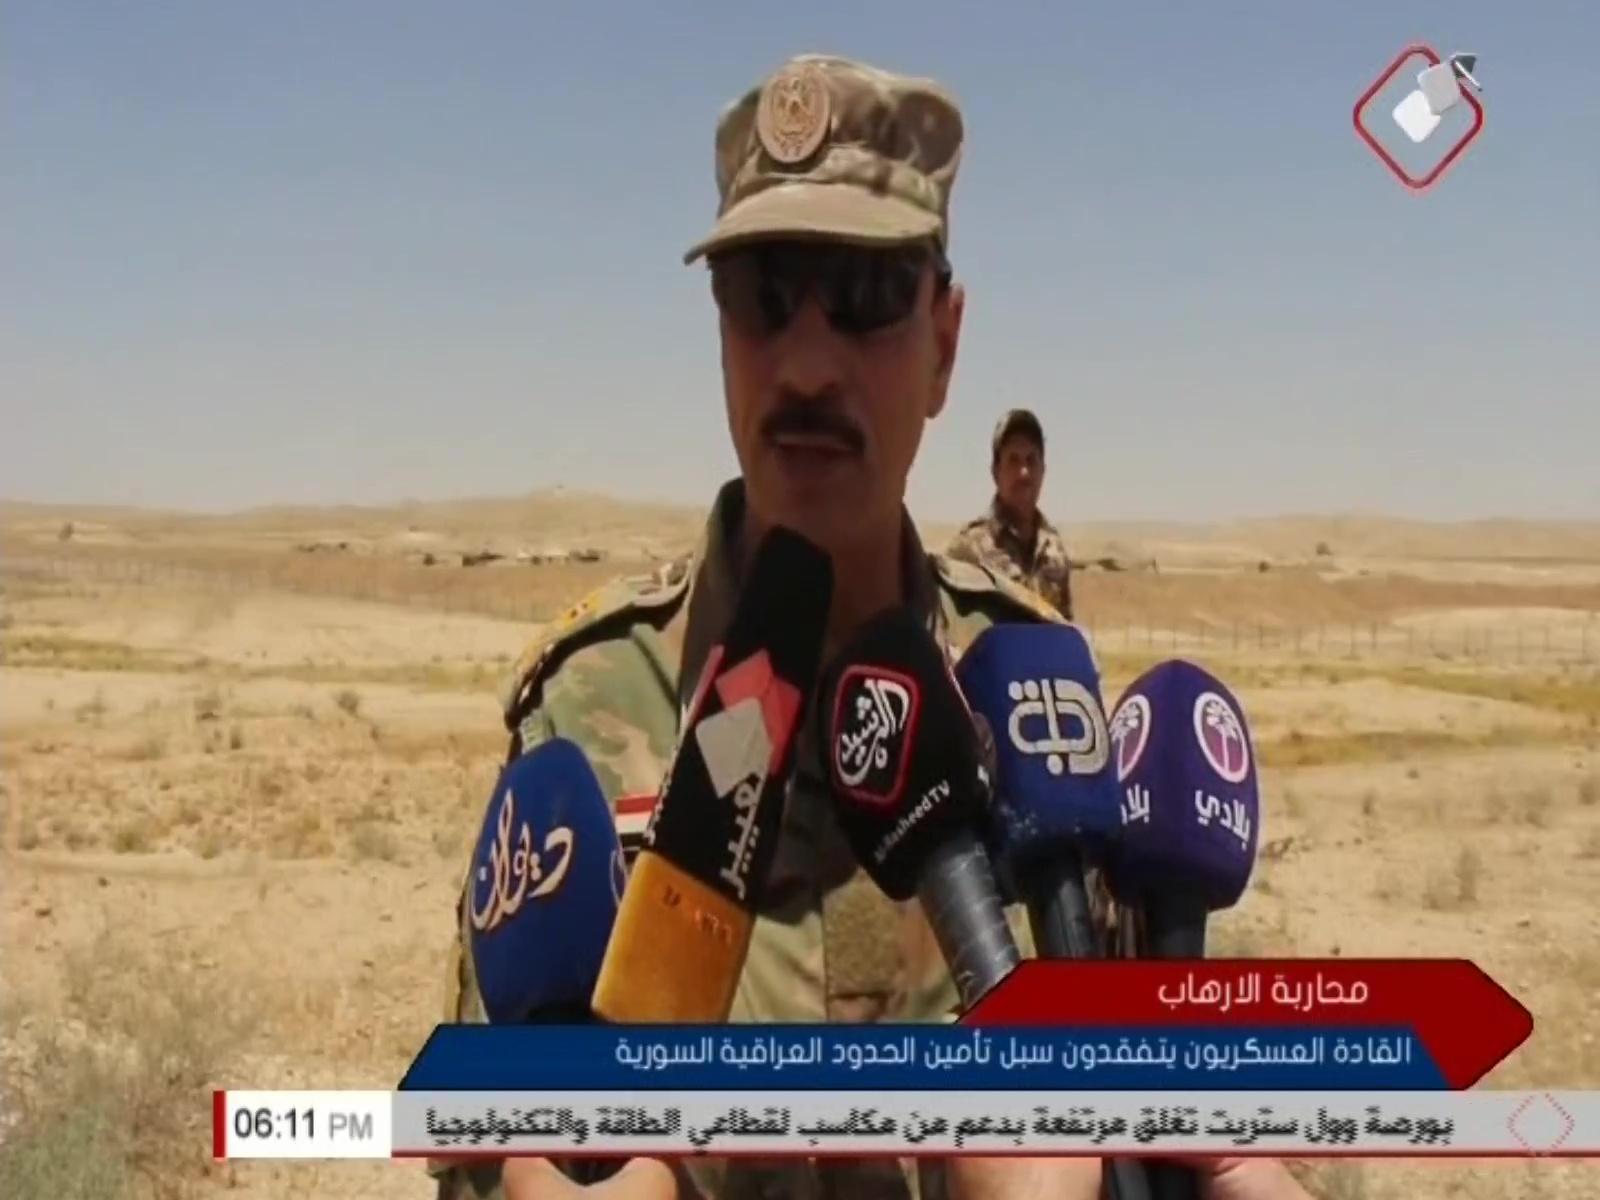 اللواء نجم الجبوري / قائد عمليات نينوى